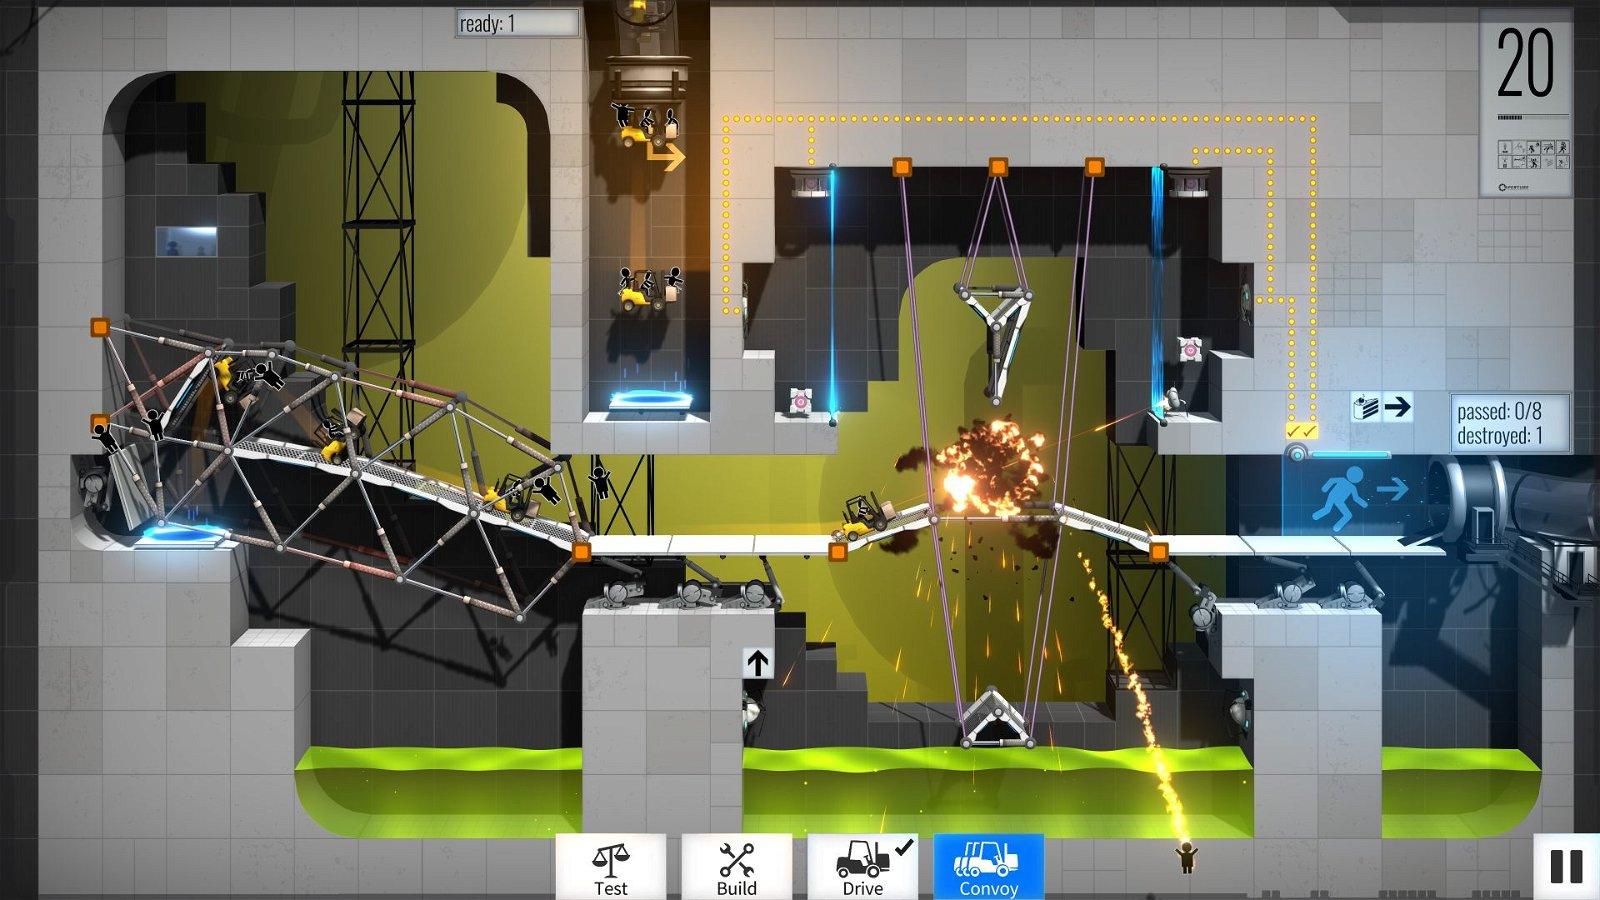 Bridge Constructor Portal Review 2